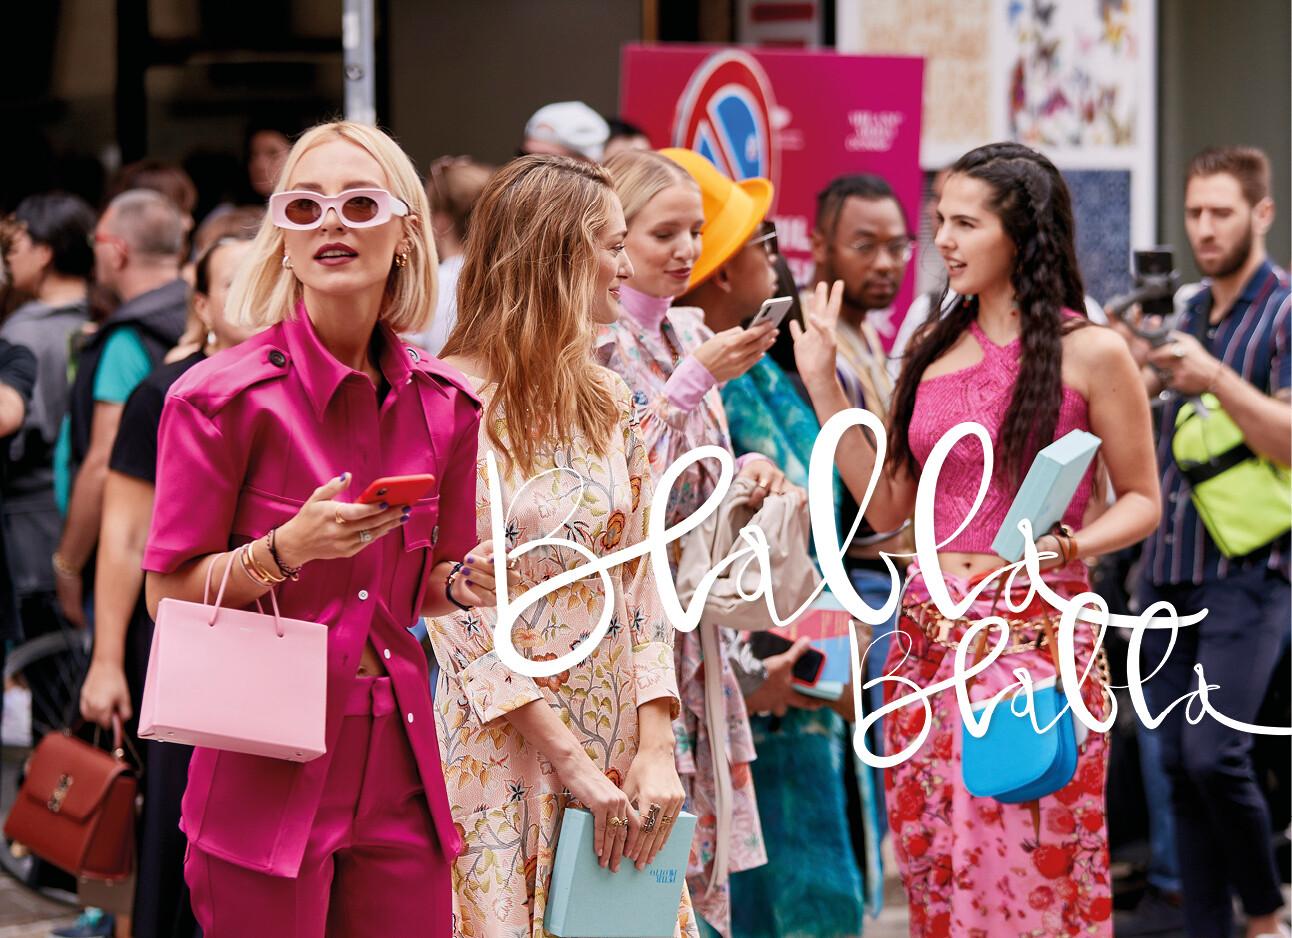 vrouwen bij elkaar die aan het praten zijn allemaal in het roze gekleed